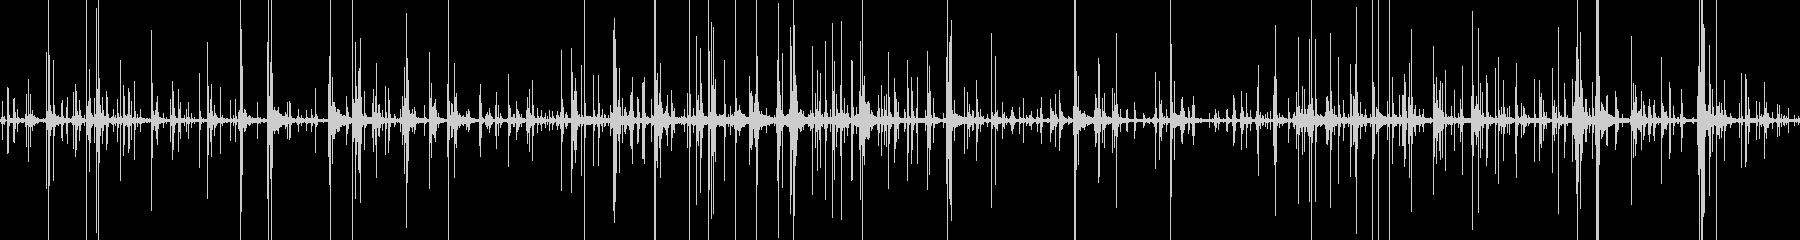 カランコロン… 風 静けさ 不規則の未再生の波形